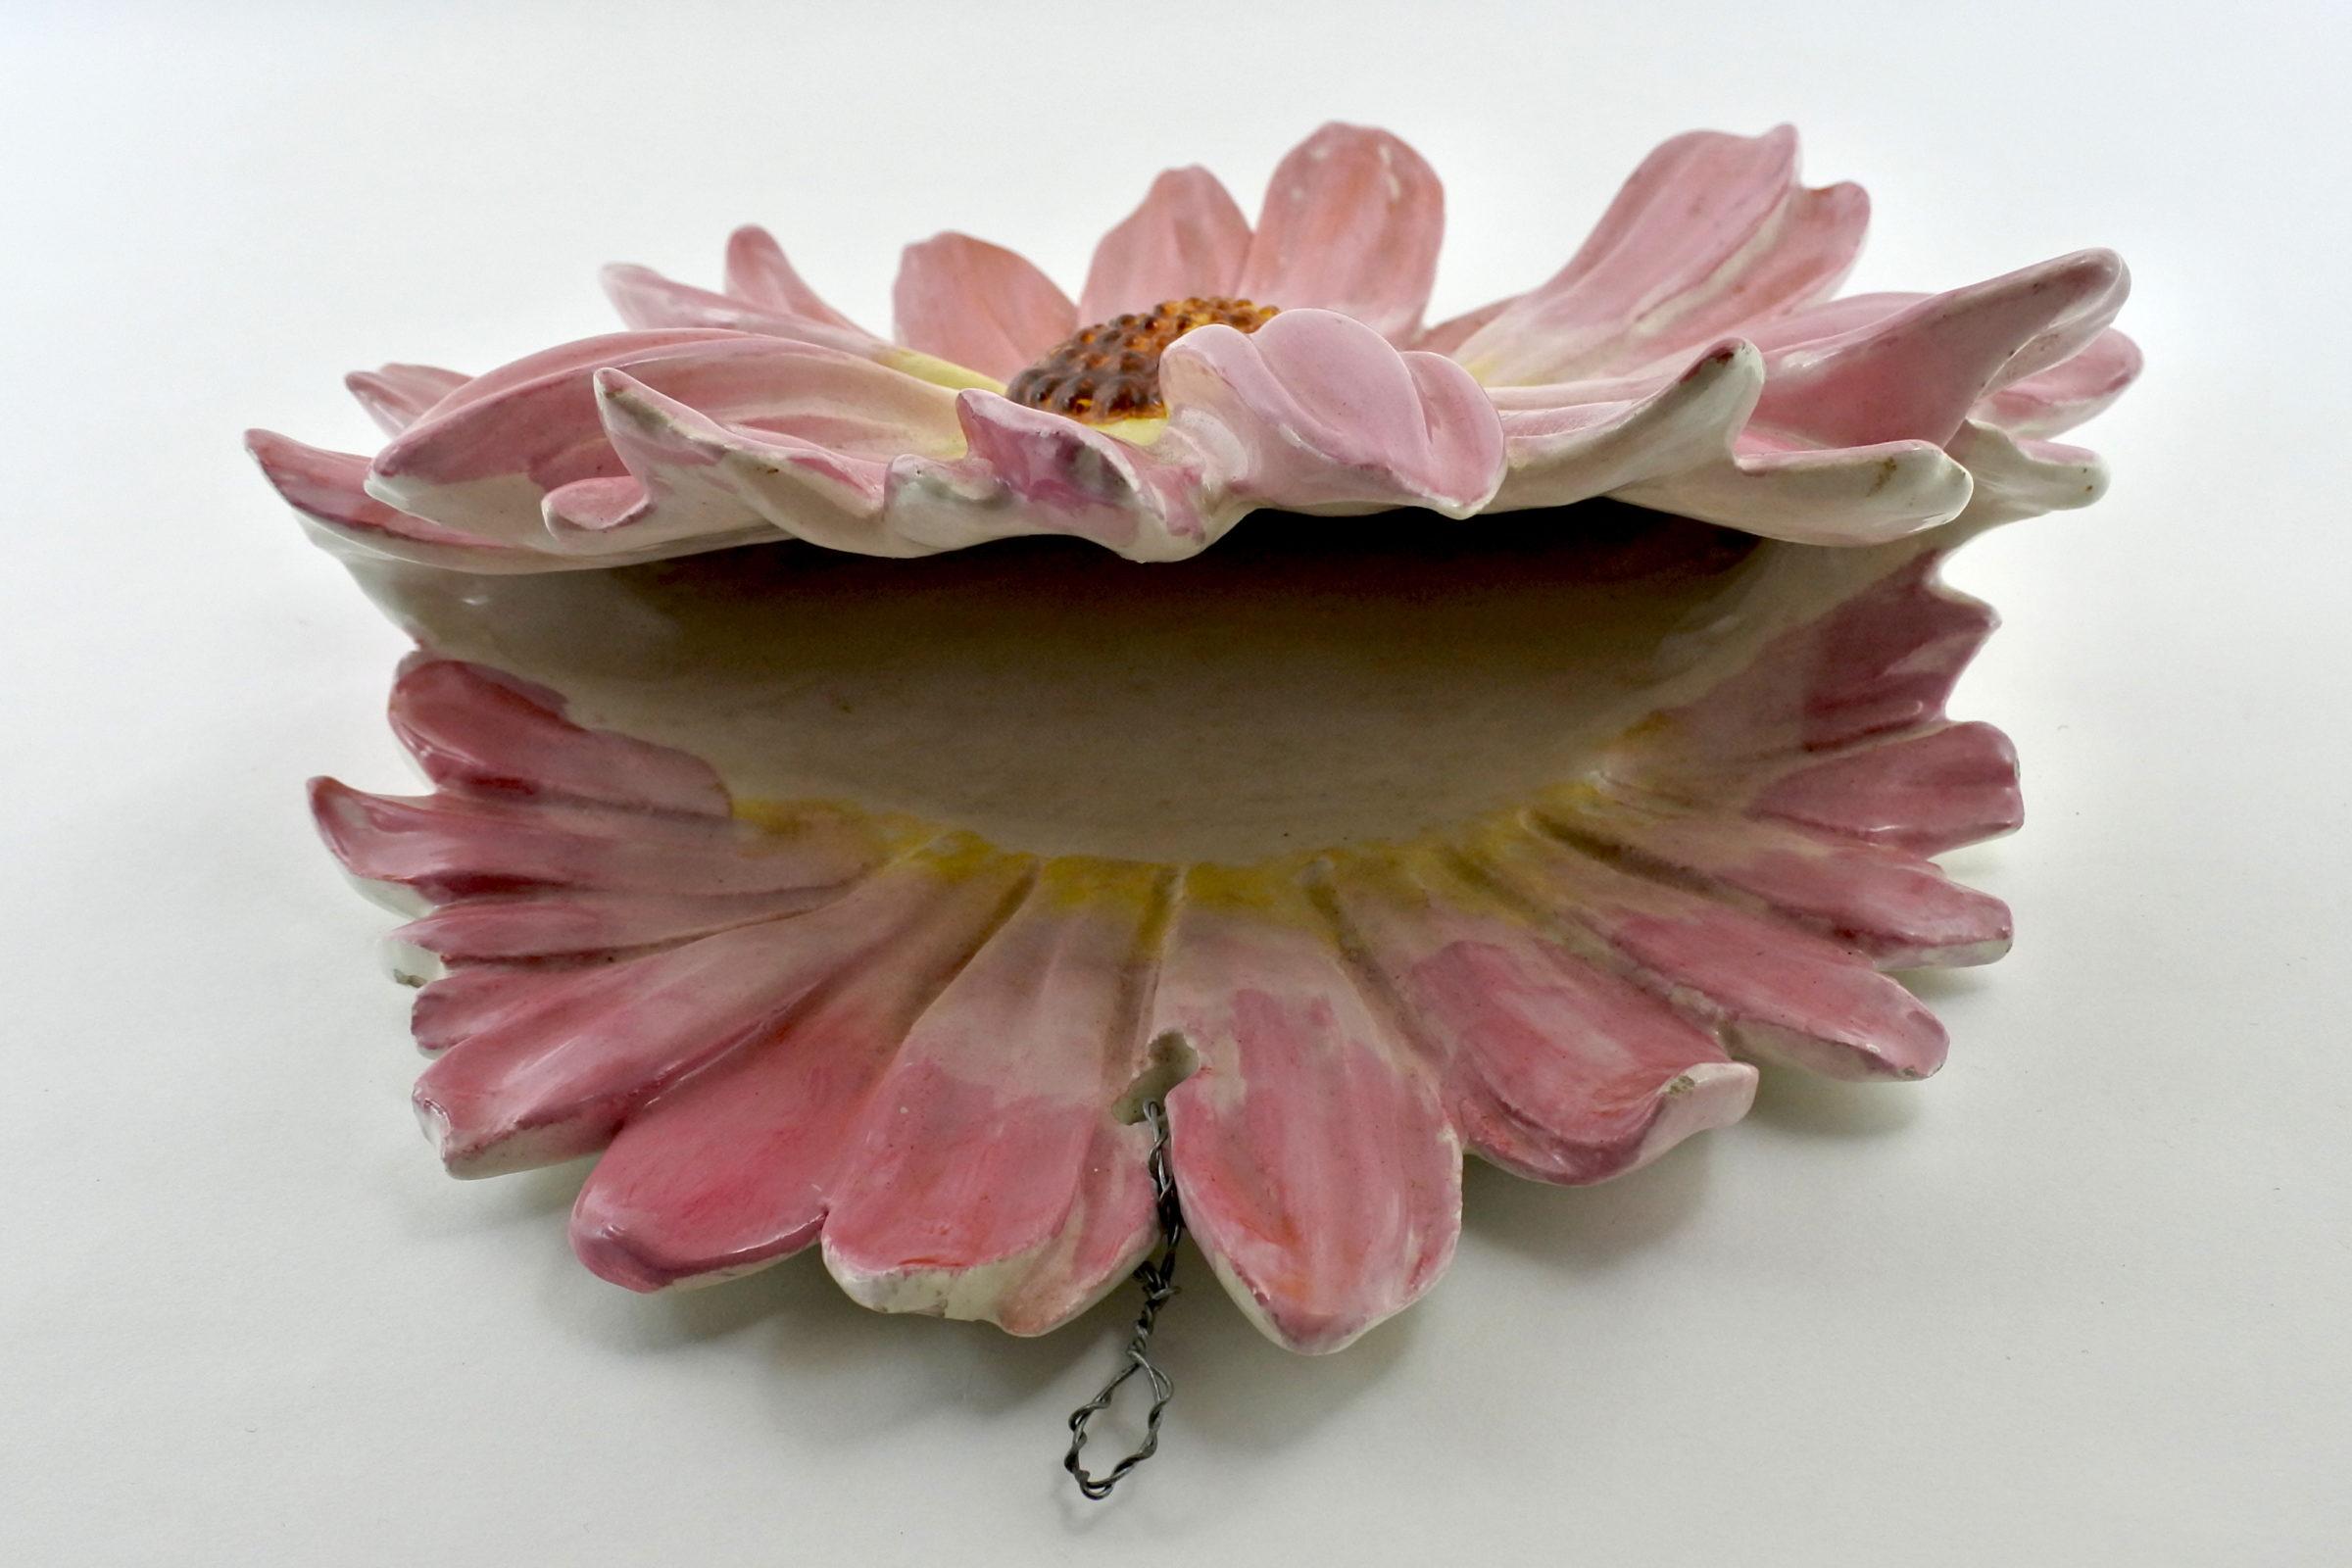 Portafiori da muro Massier in ceramica barbotine a forma di fiore - 2